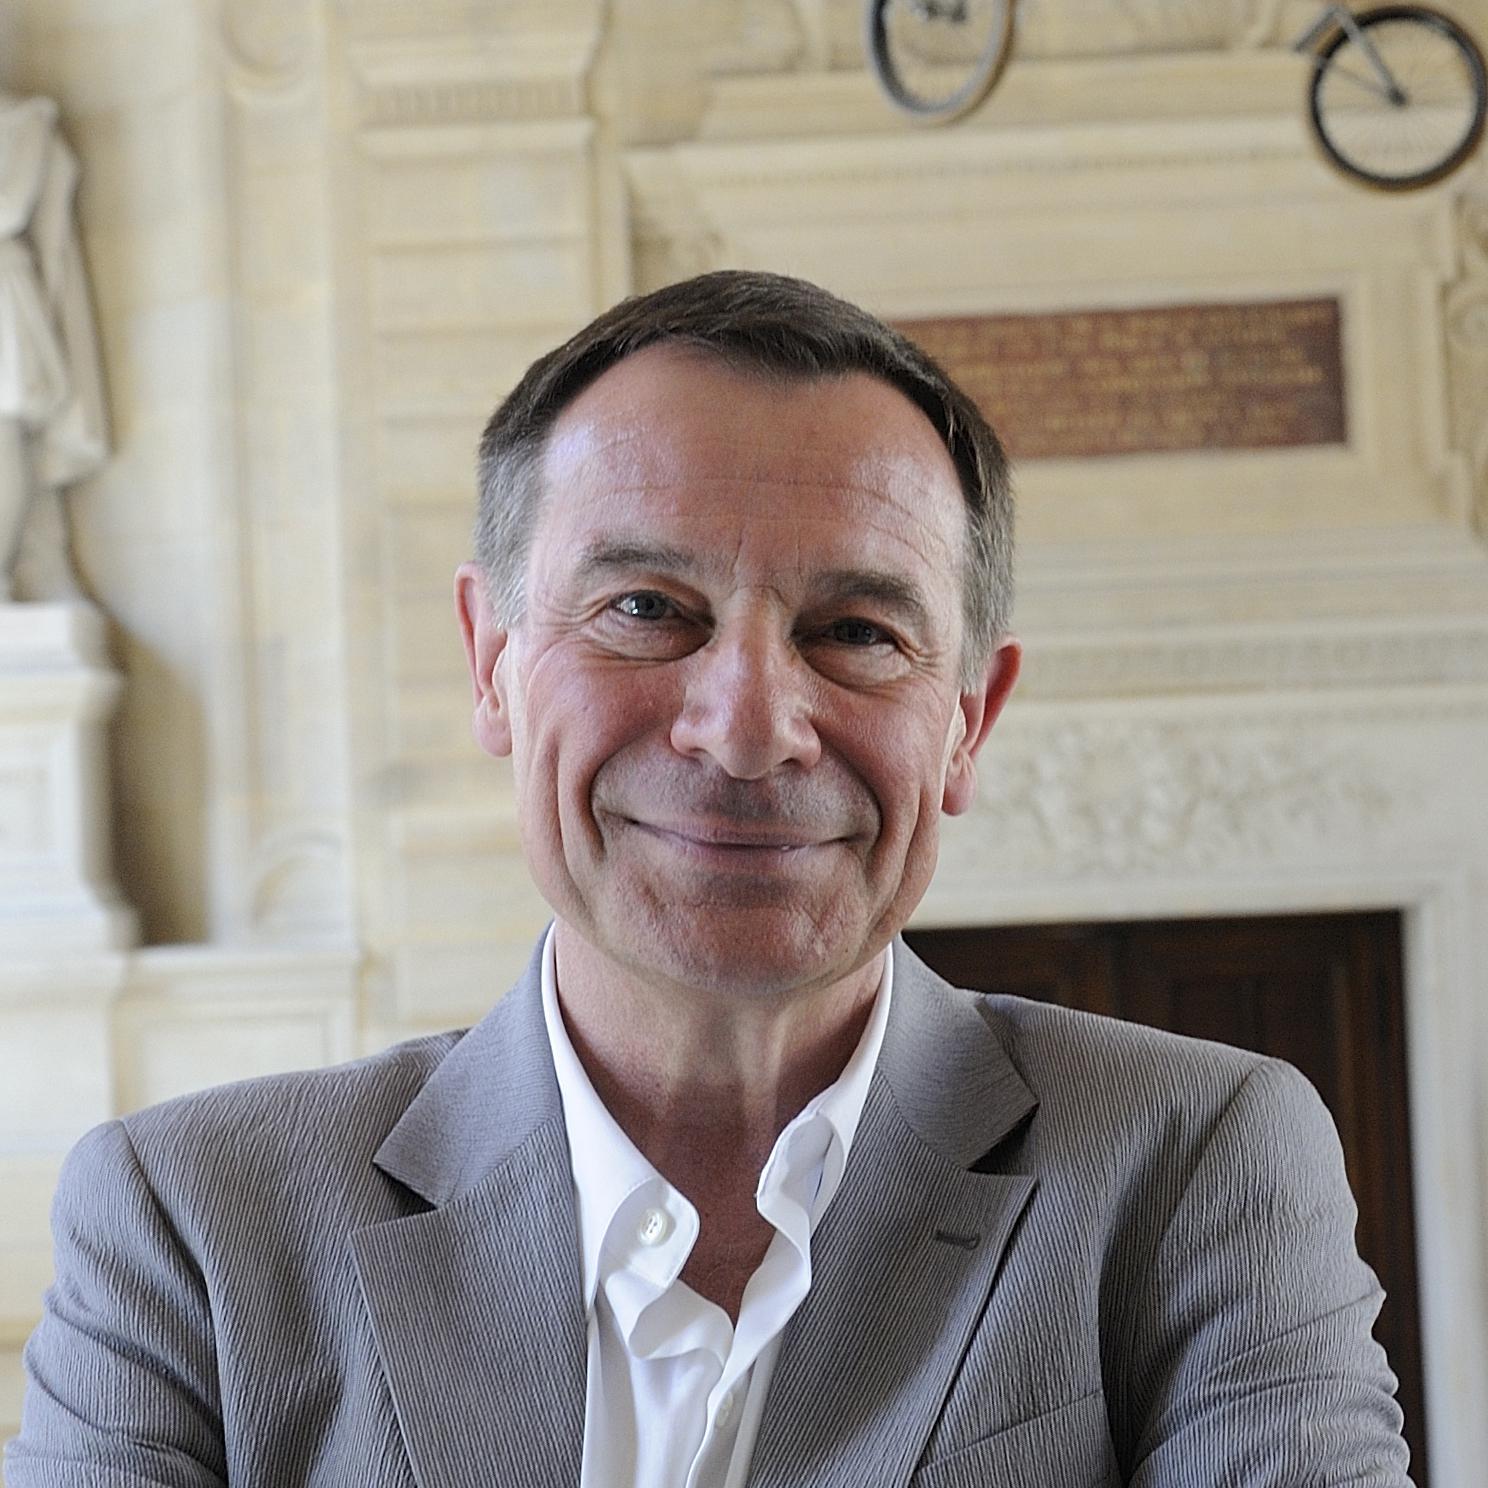 Yves Winkin, Directeur de la culture scientifique et technique et du musée des arts et métiers